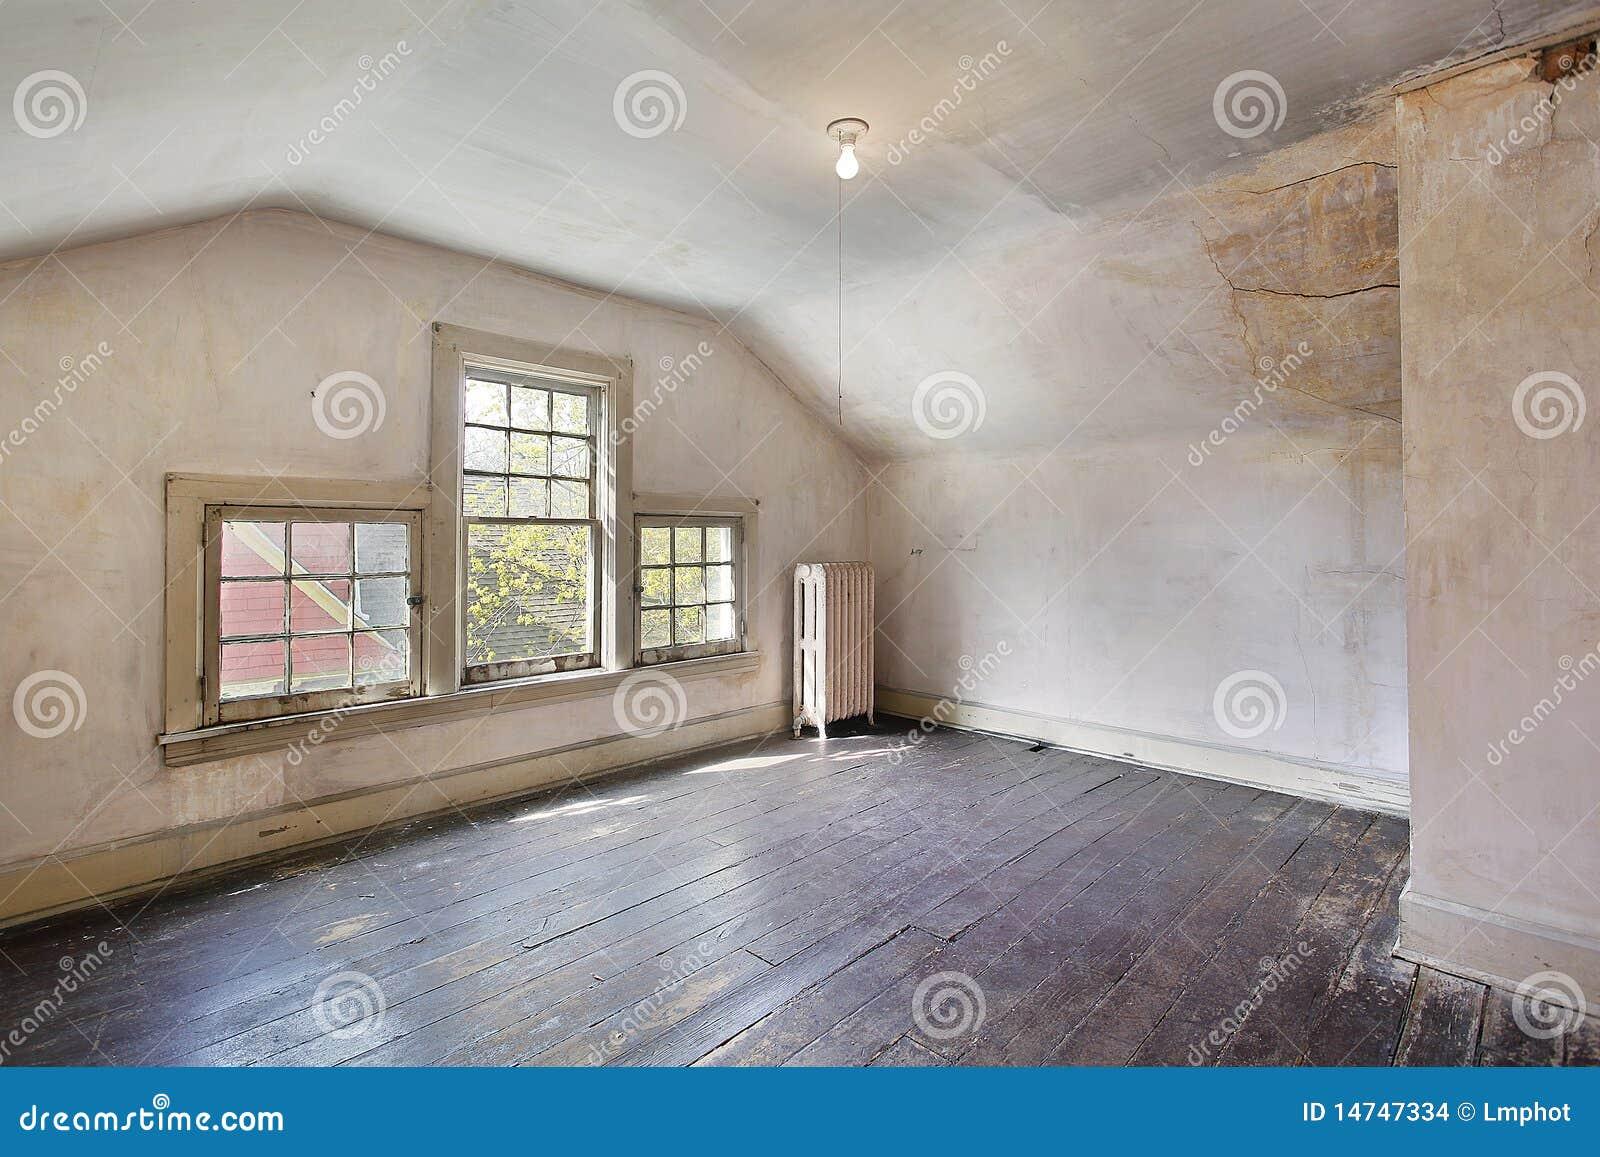 Roze Slaapkamer In Oud Verlaten Huis Stock Afbeeldingen - Afbeelding ...